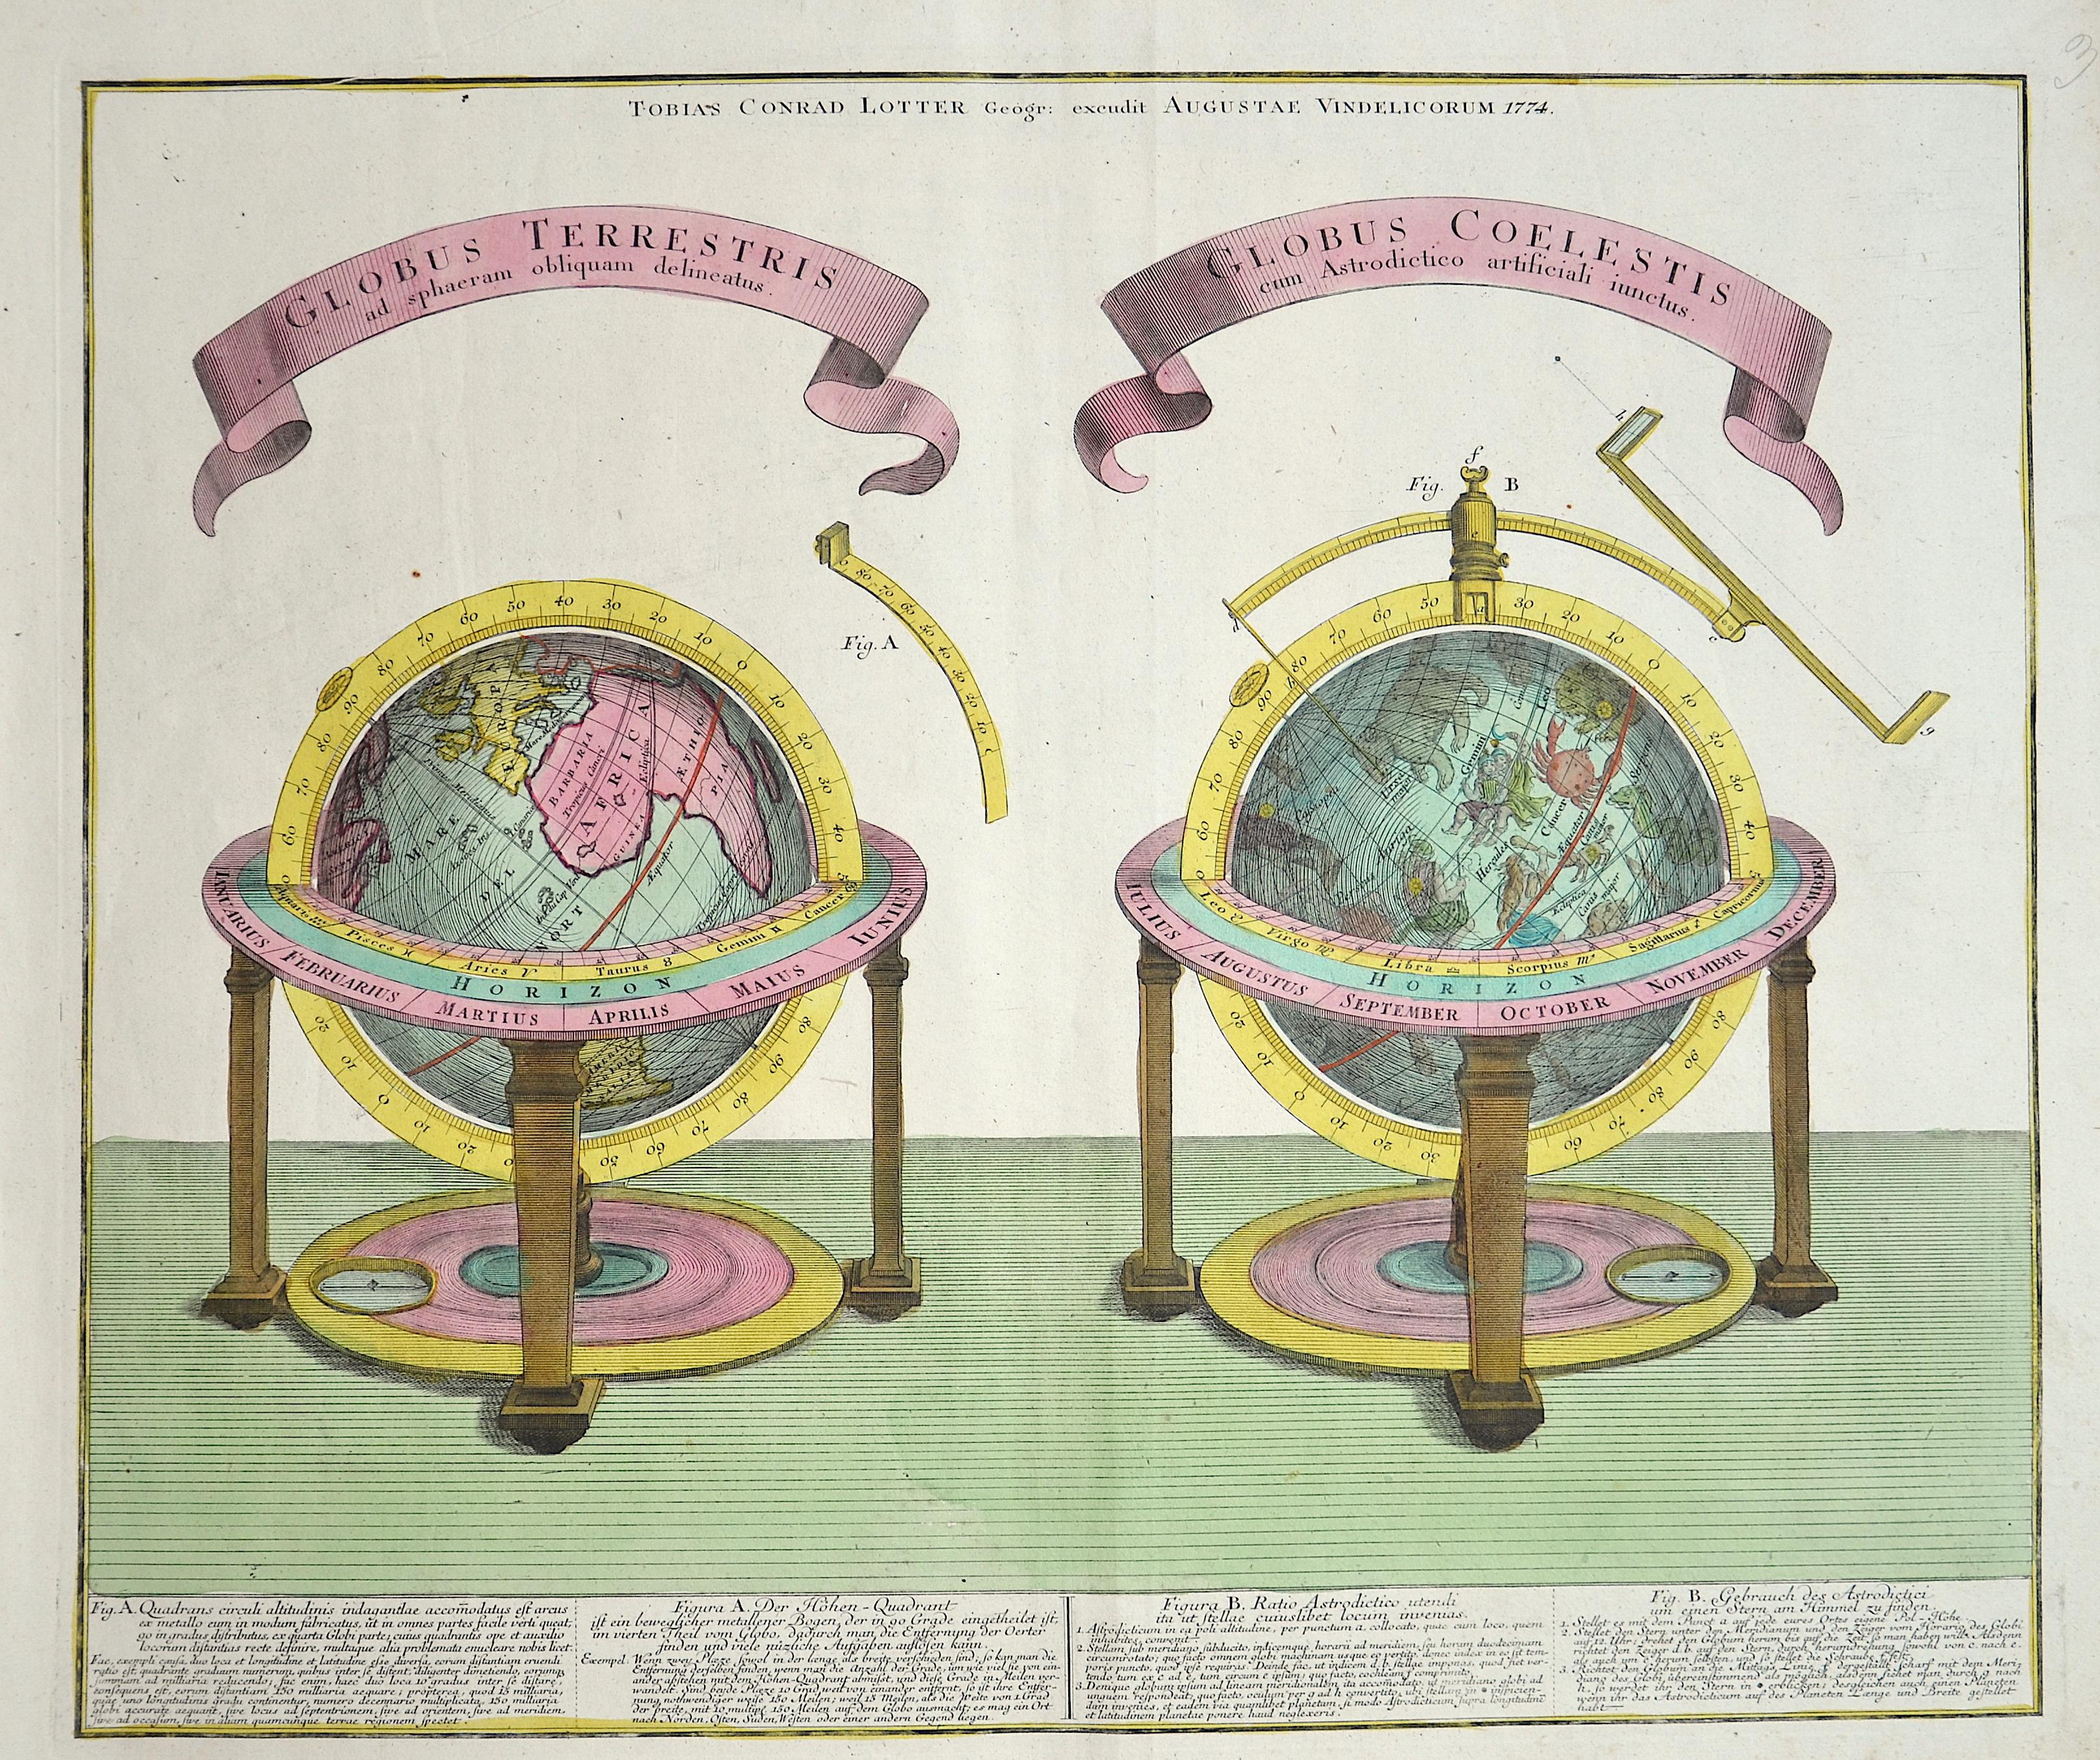 Lotter Tobias Conrad Globus Terrestris ad spaeram obliquam delineatus/Globe Coelestis cum Astrodictio artificiali iunctus